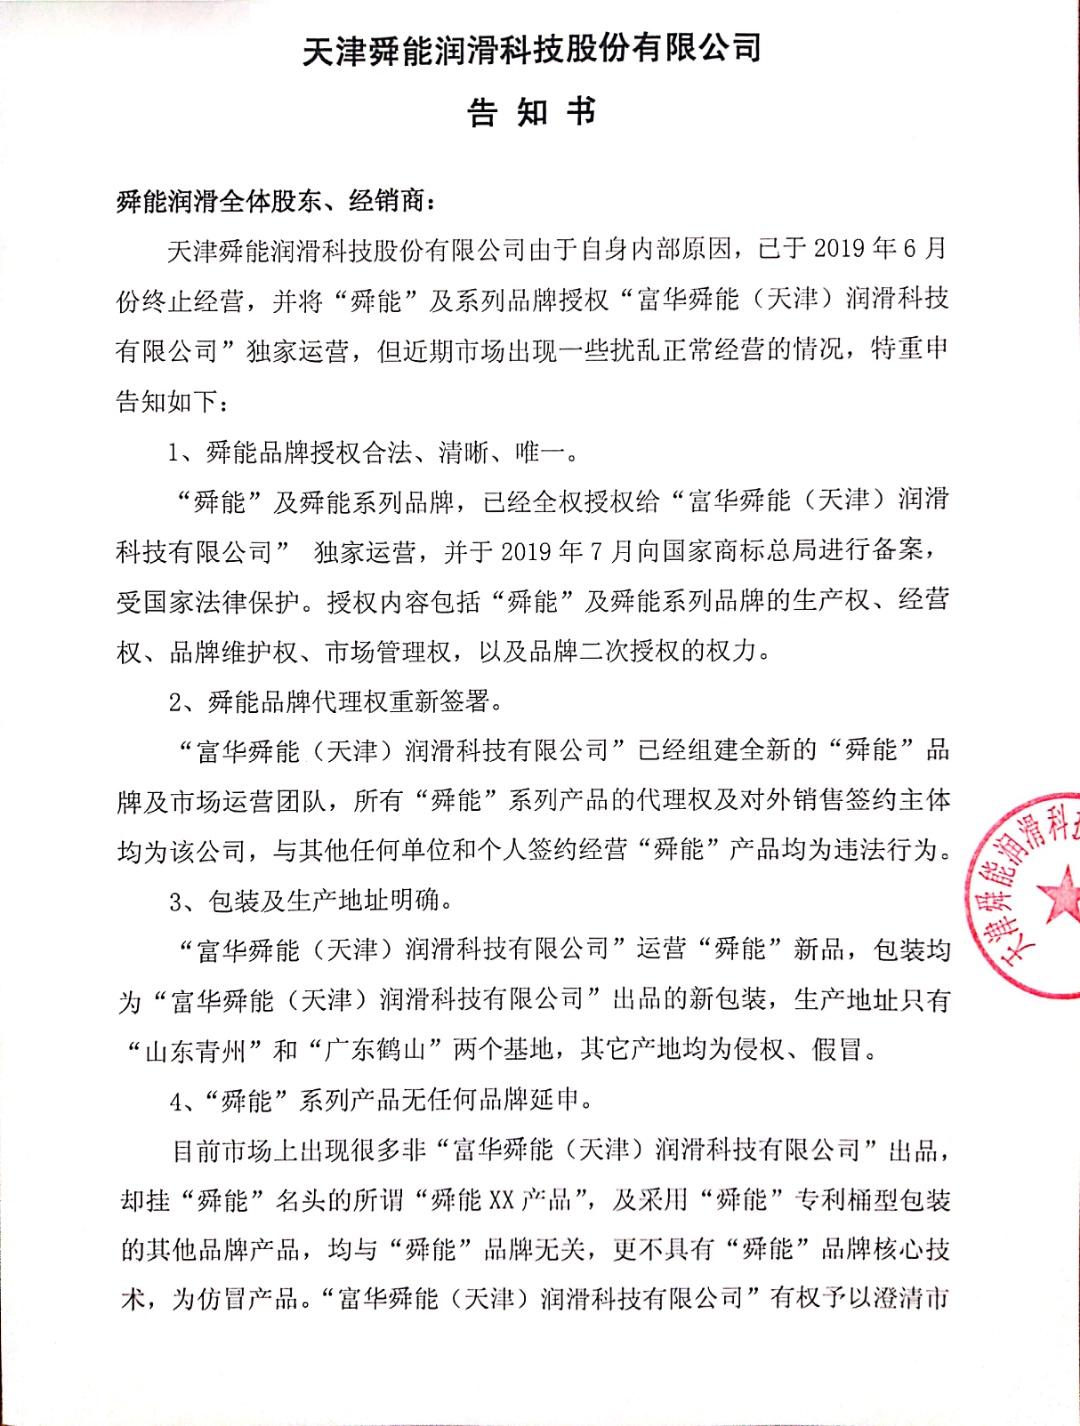 天津舜能润滑科技股份威尼斯2020娱乐官网告知...